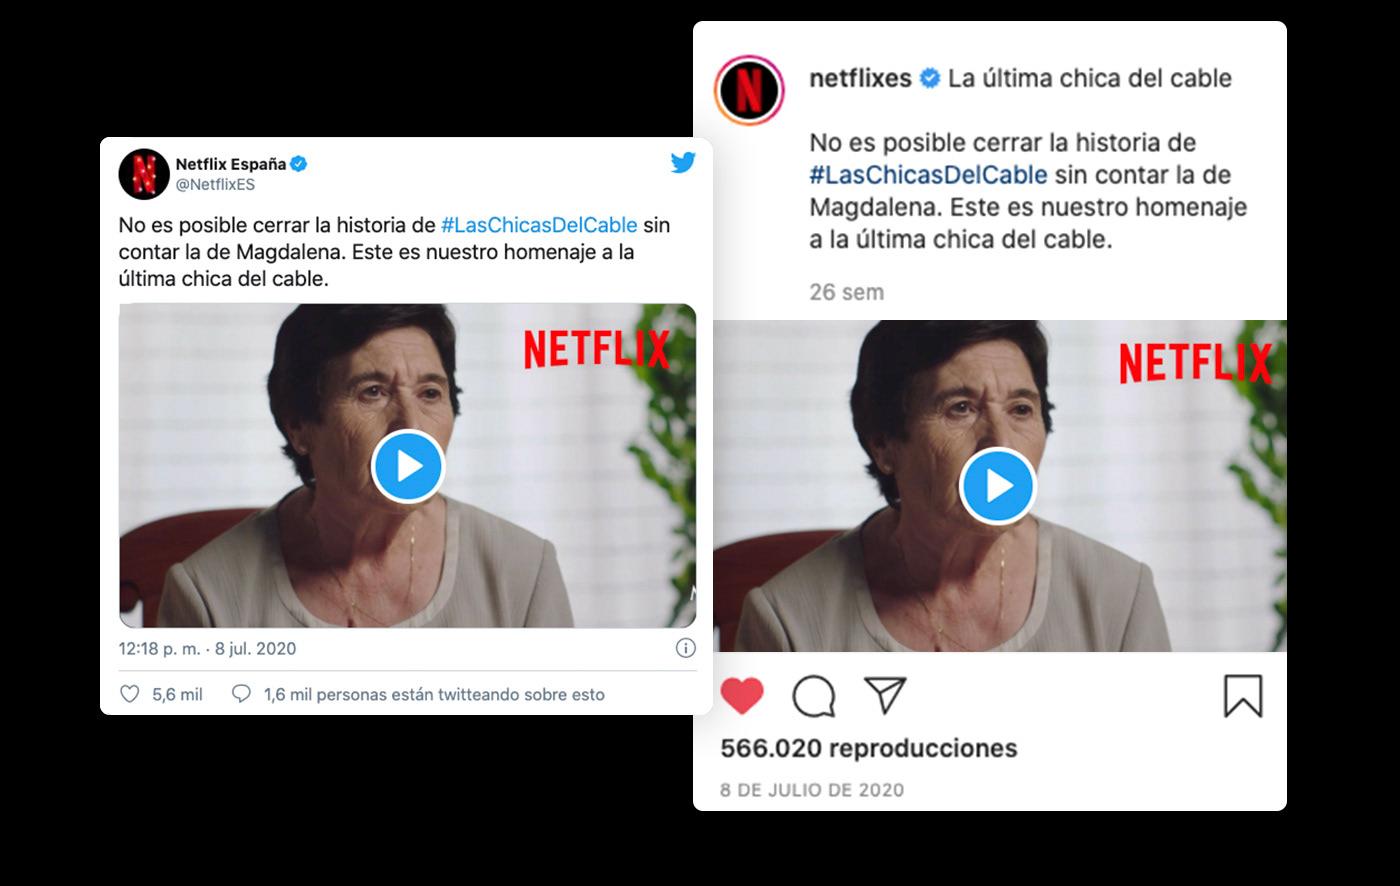 branded content campaing Entertainment las chicas del cable Netflix social media spain Spot video